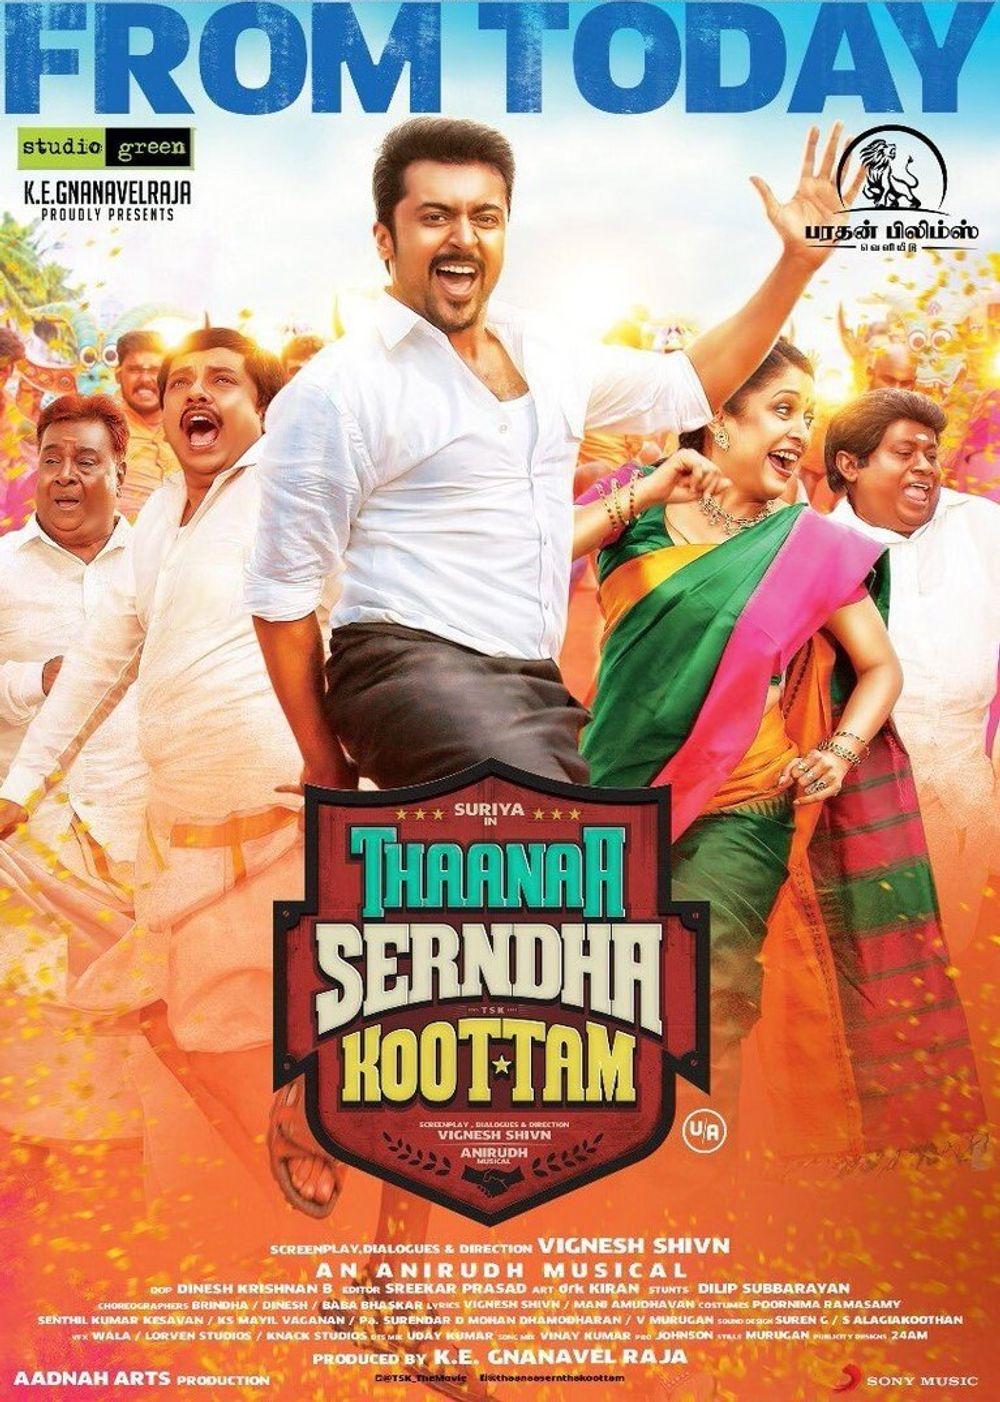 Surya Ki Gang Thaanaa Serndha Koottam (2021) Hindi Dubbed Movie 720p | 480p HDRip x265 AAC 900MB | 400MB